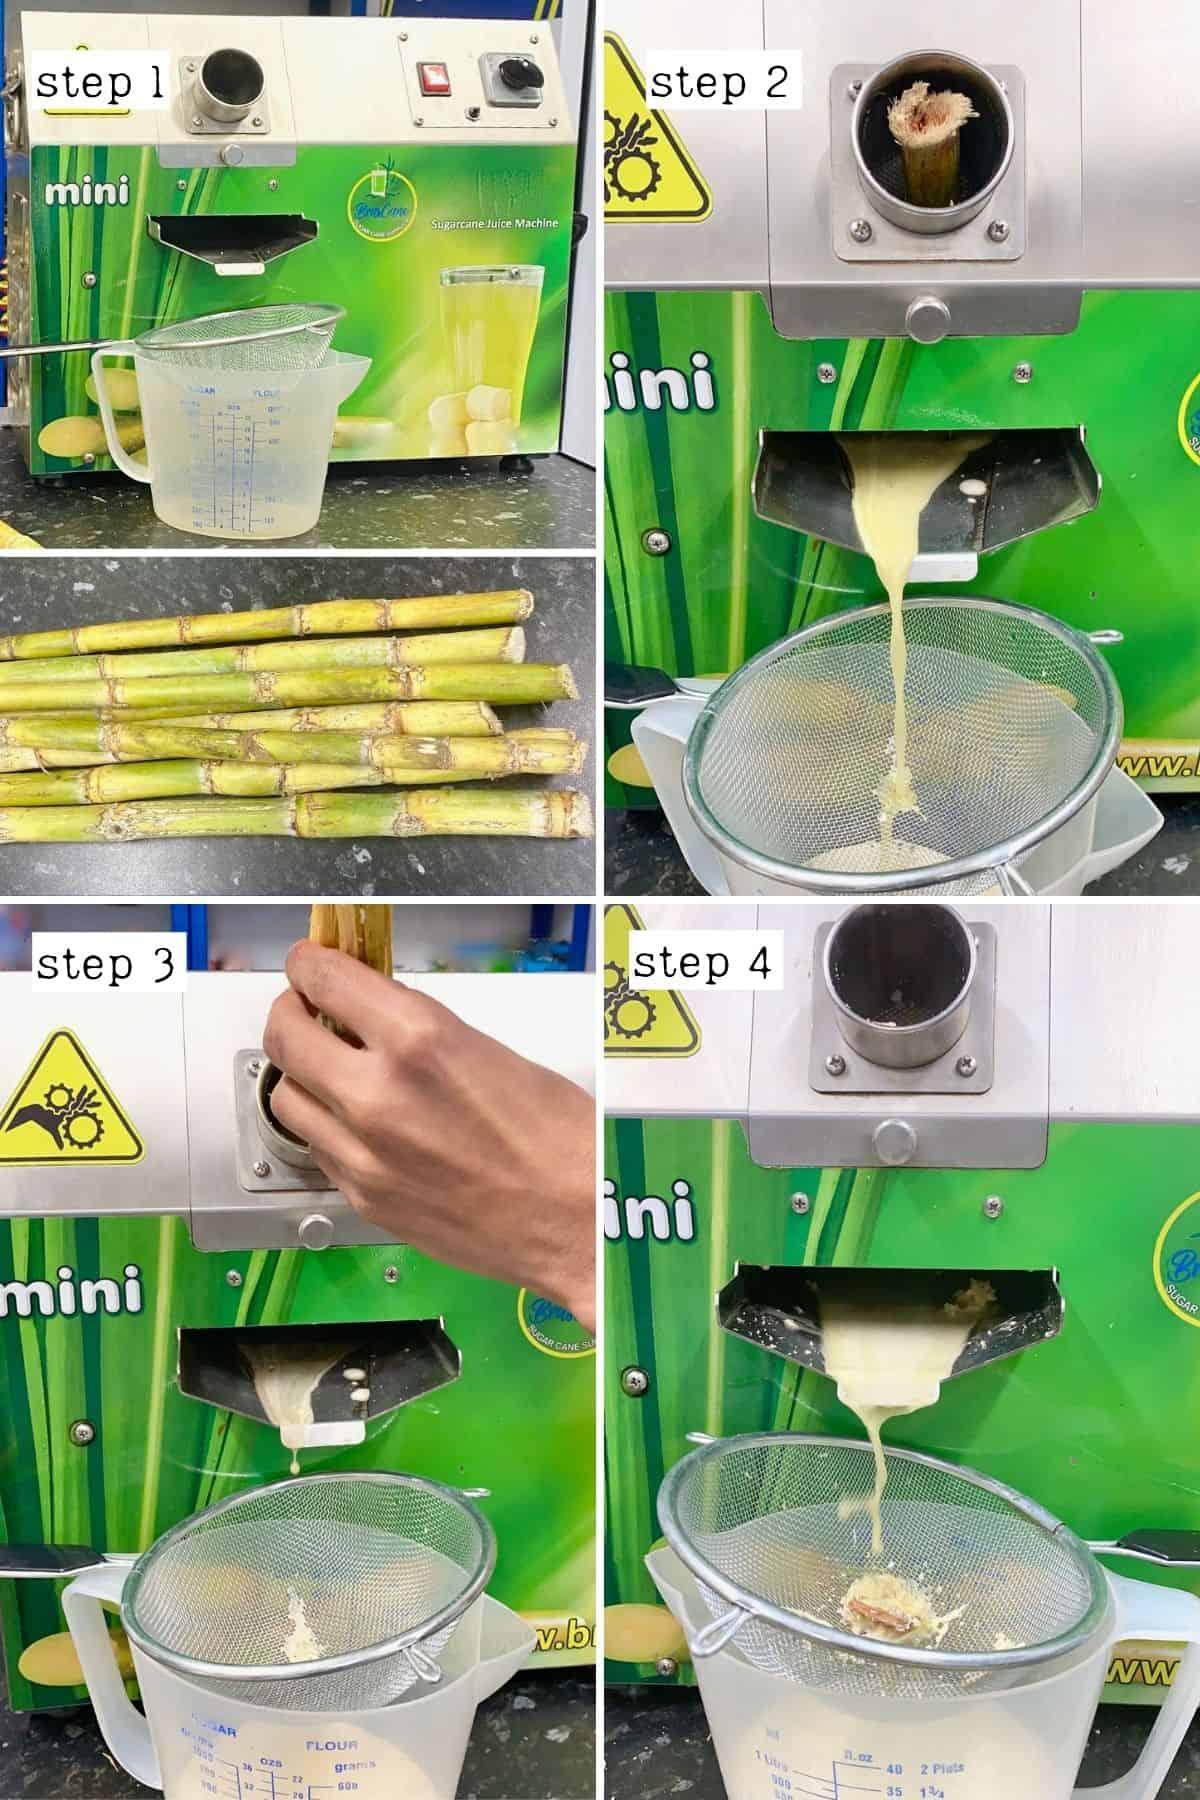 Steps for juicing sugarcanes